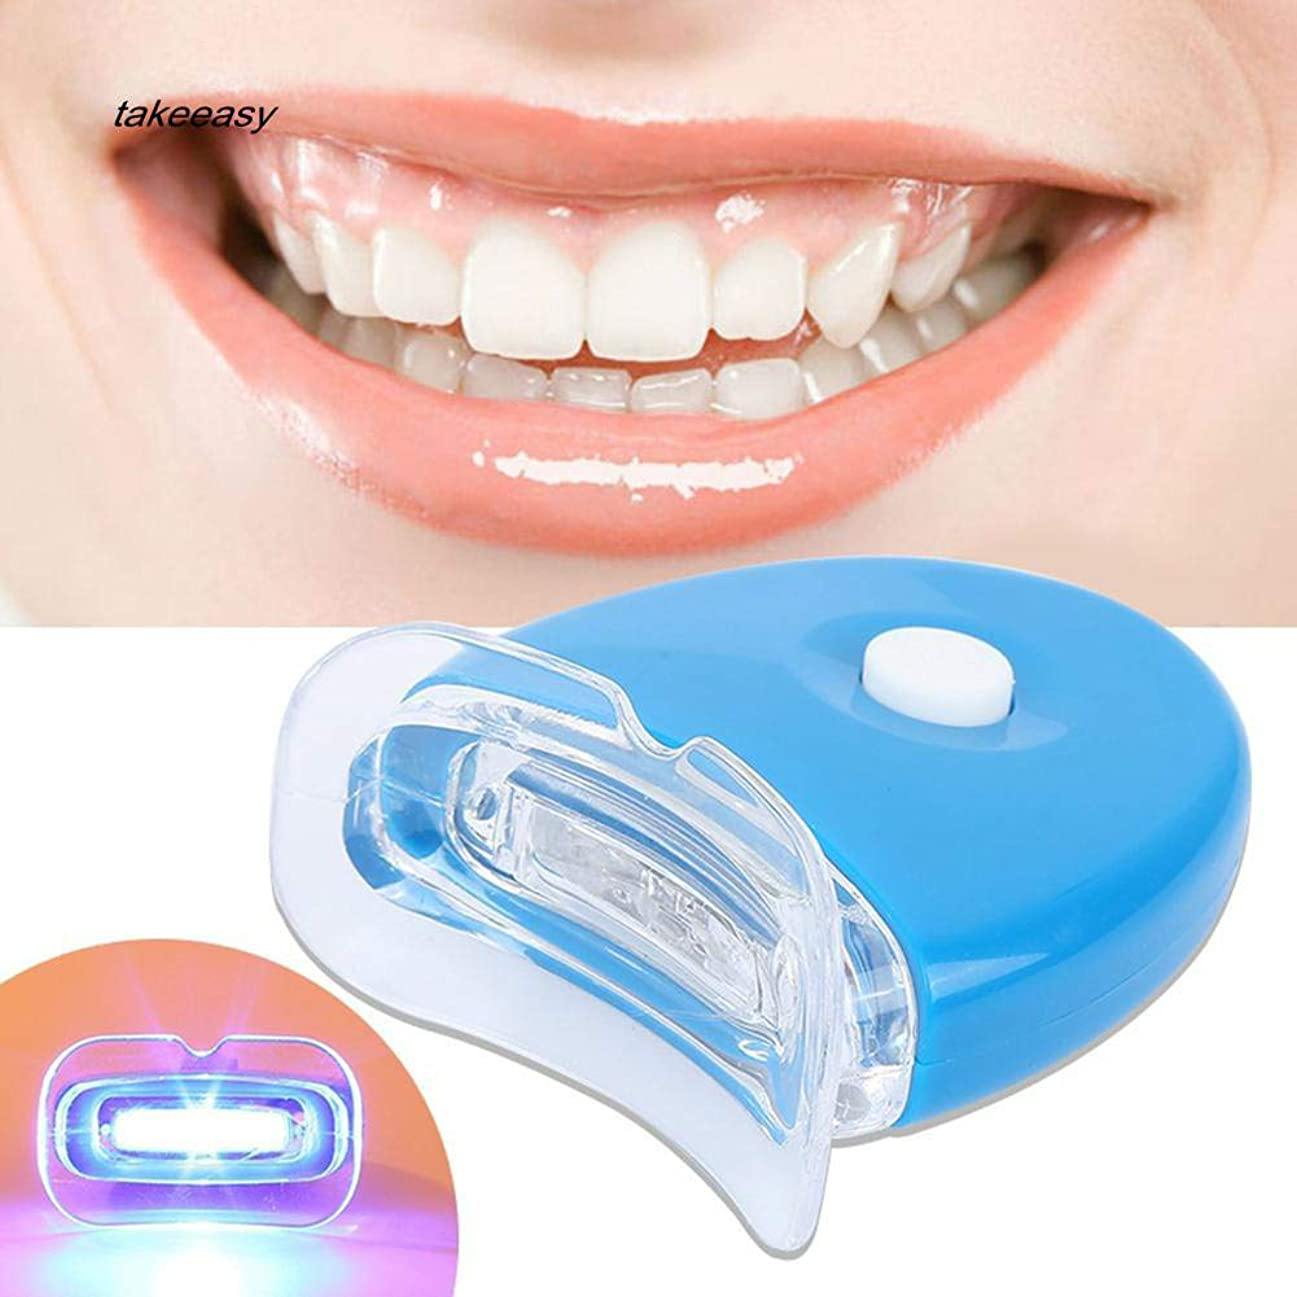 永遠にセクタ罰する歯ホワイトニング器 歯美白器 美歯器 ホワイトニング ホワイトナー ケア 歯の消しゴム 歯科機器 口腔ゲルキット ライト付き 歯を白くする